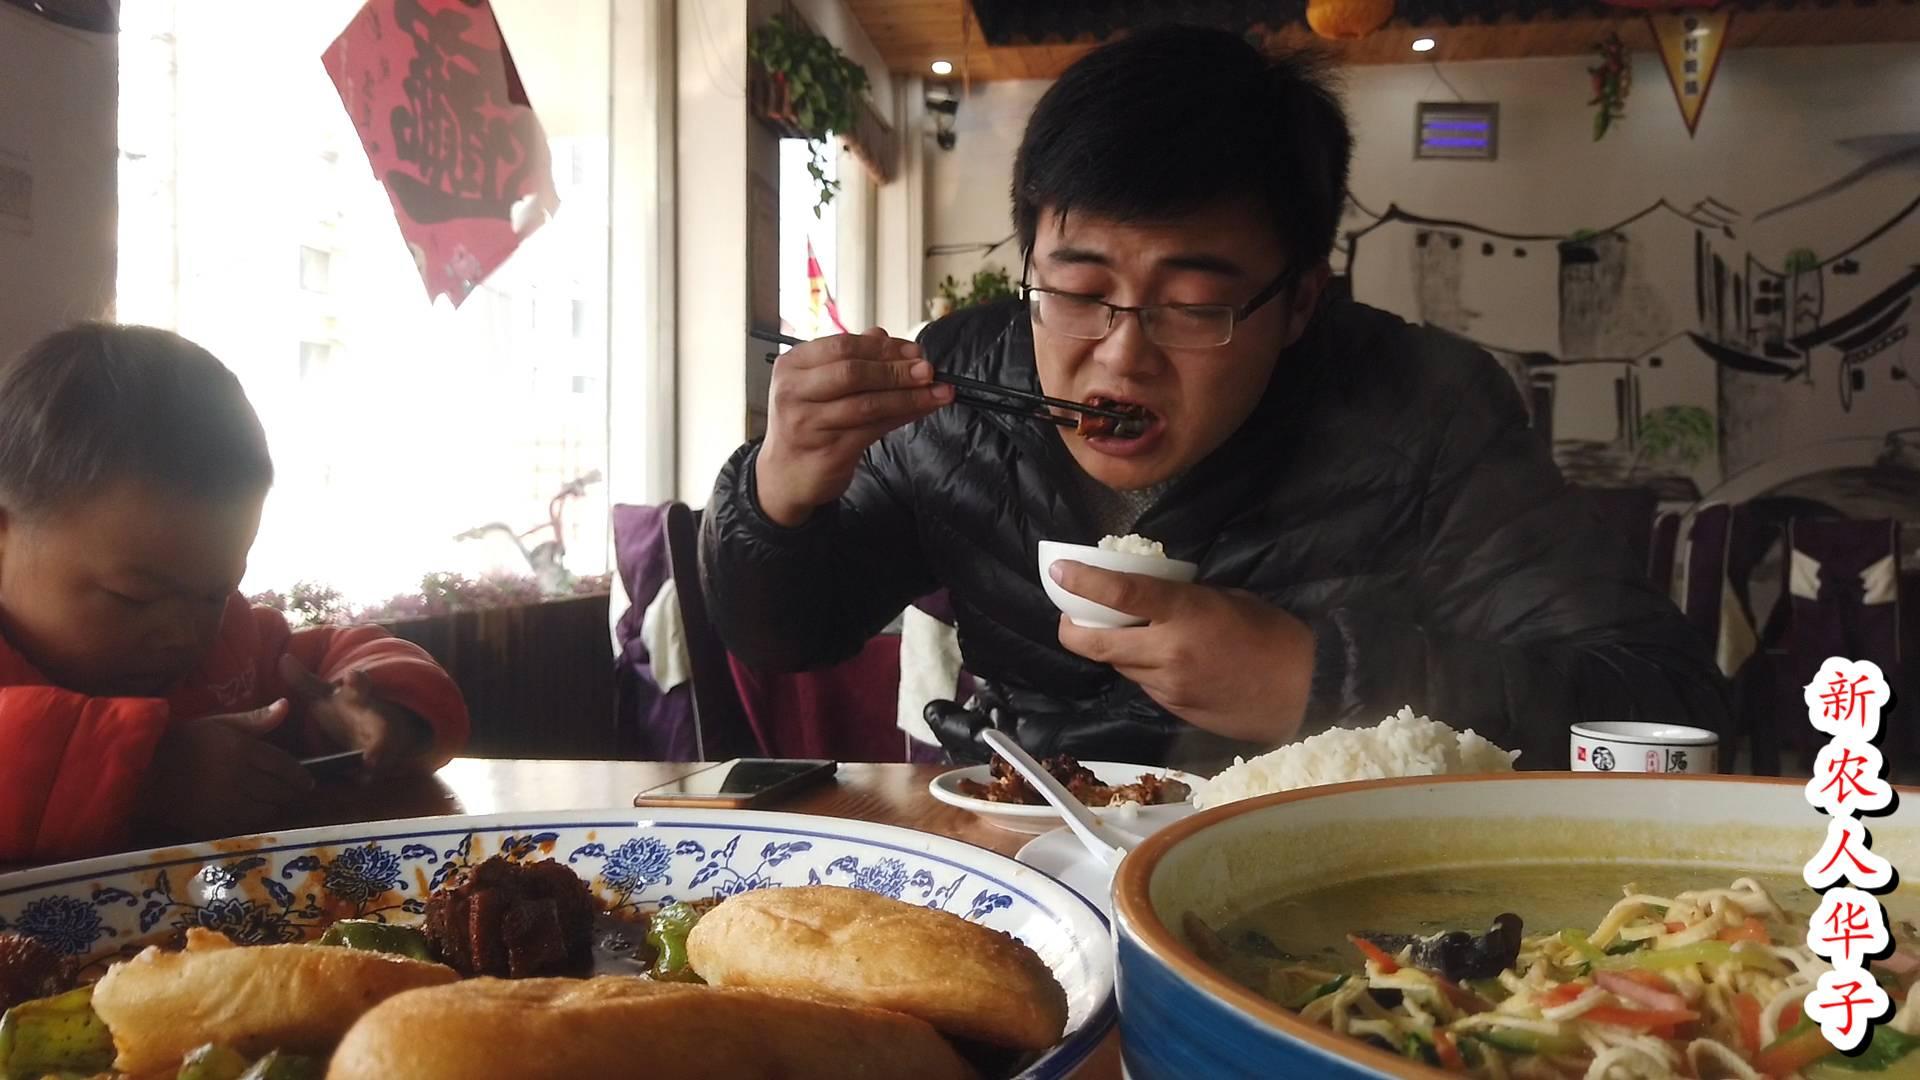 乡村饭店,60元点了大盆鸡和大煮干丝,华子辣得直冒汗被媳妇嘲笑